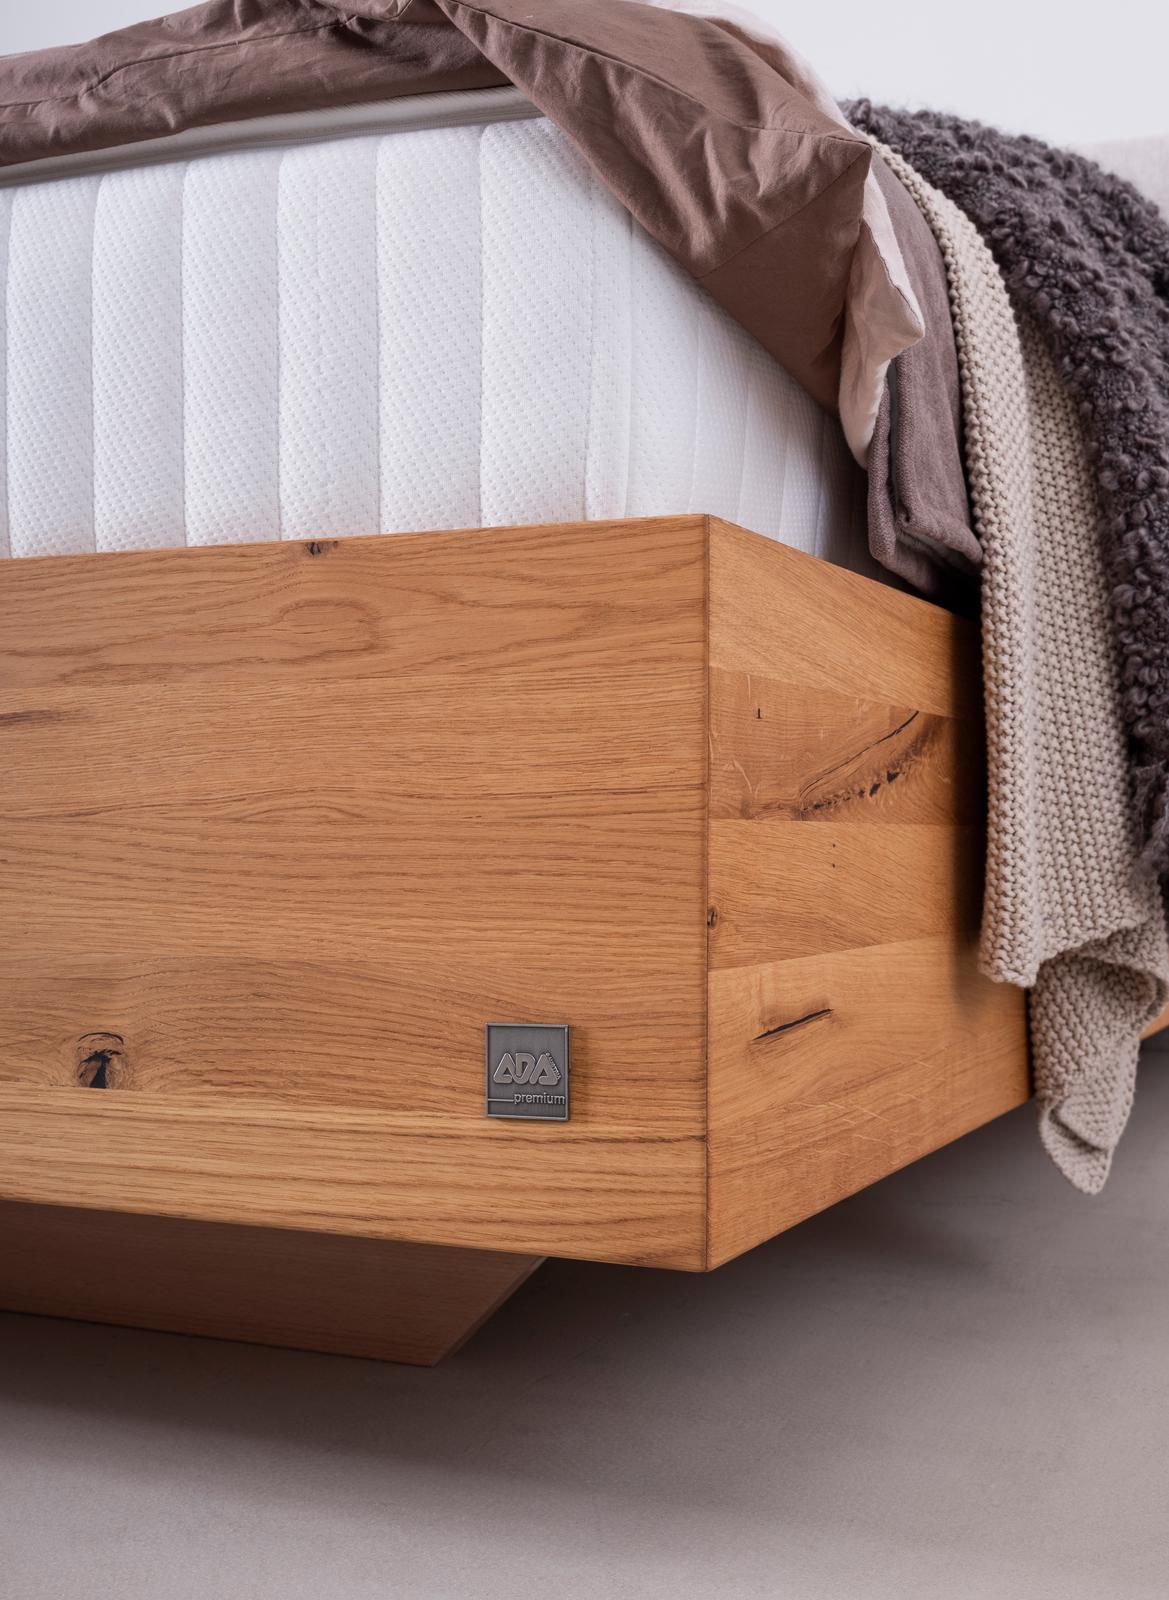 Boxspringbett mit Kopfhaupt in beigem Stoff und Knopfheftung, Boxunterbau in massivem Holz der Wildeiche